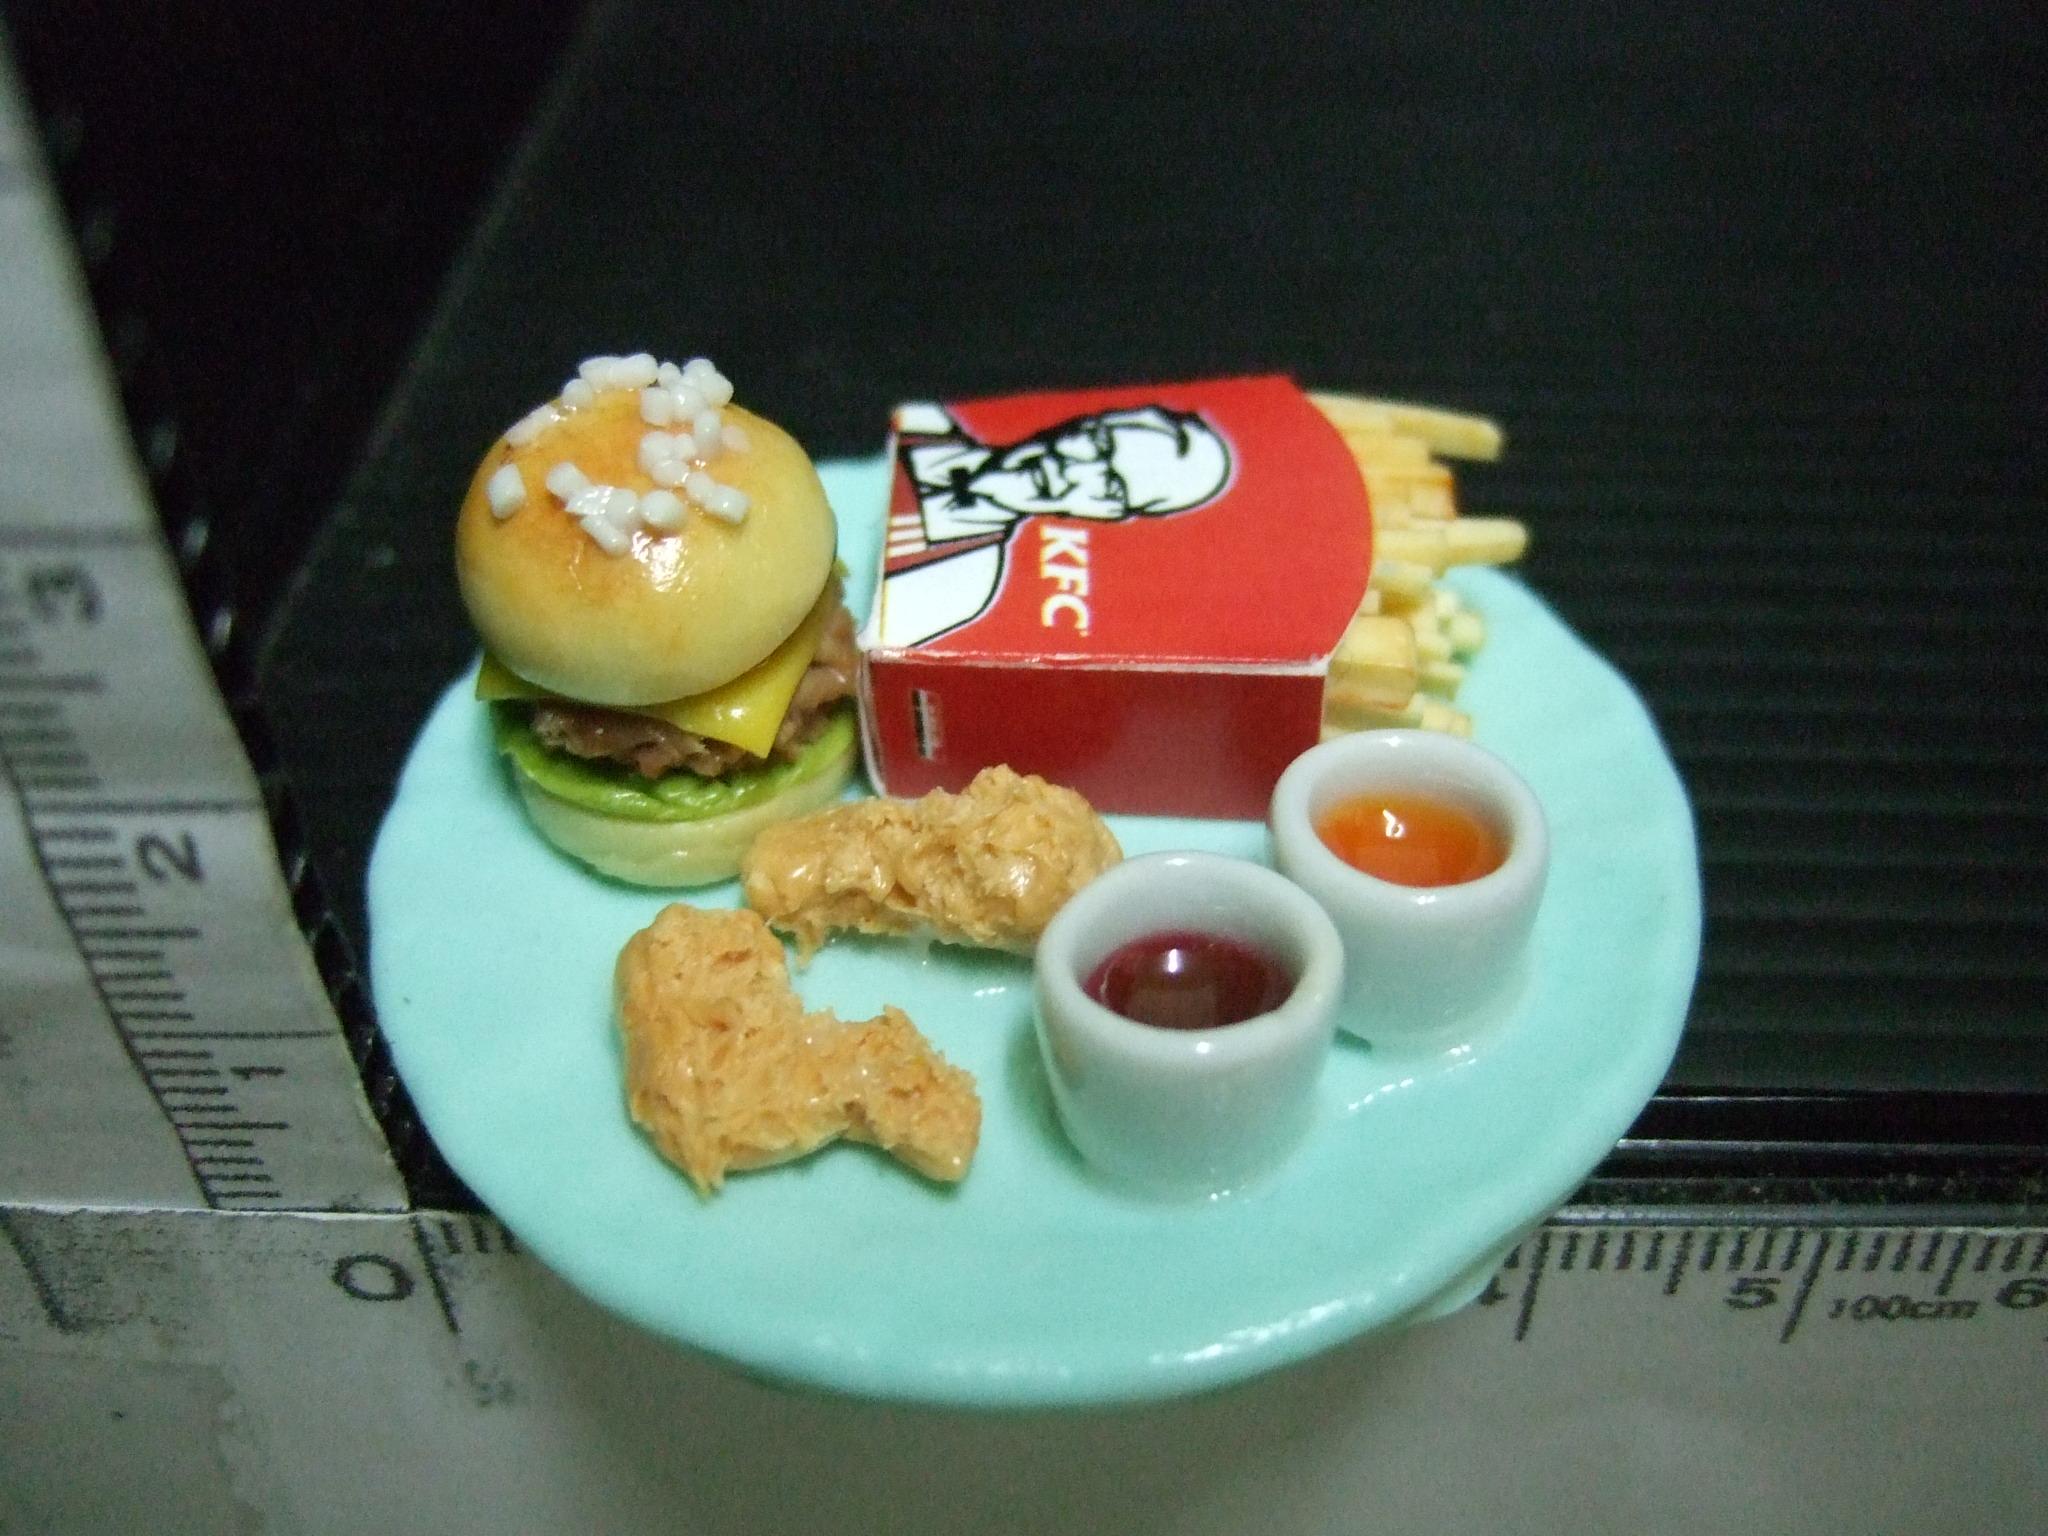 อาหารจิ๋วชุดfastfood